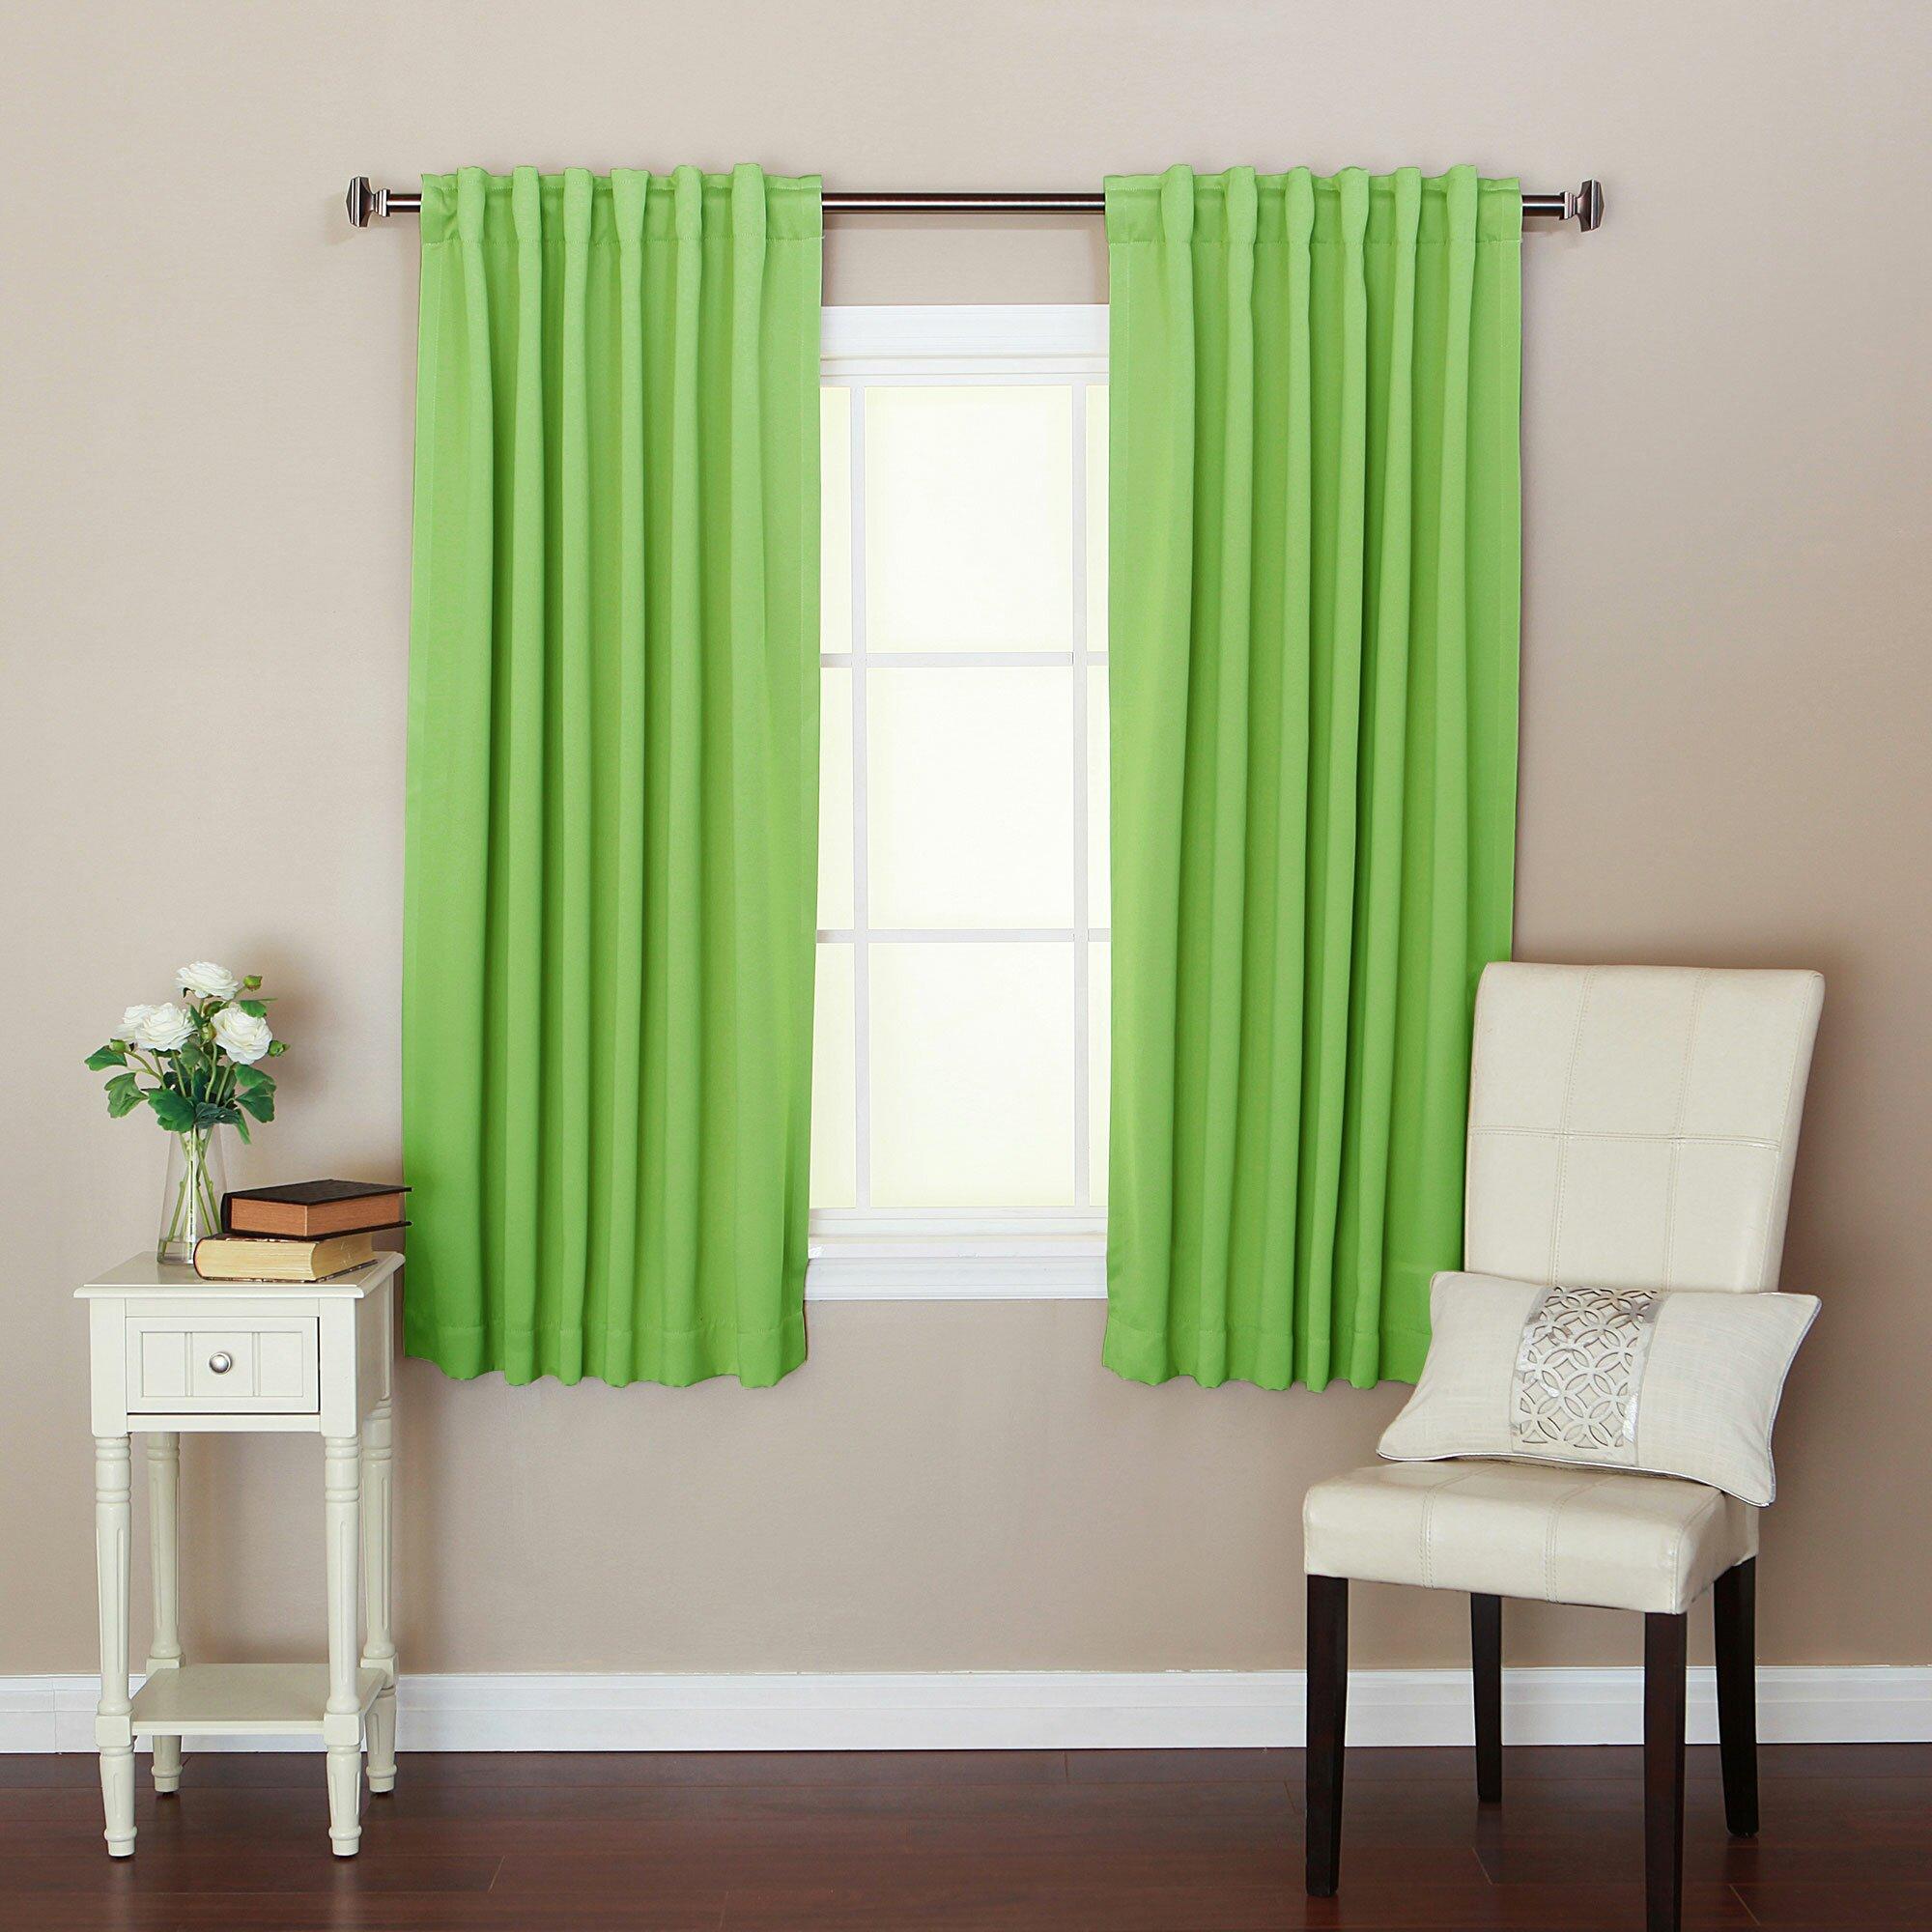 Kelly green velvet curtains - Window Treatments Curtains Drapes 63 83 Length Curtains Drapes